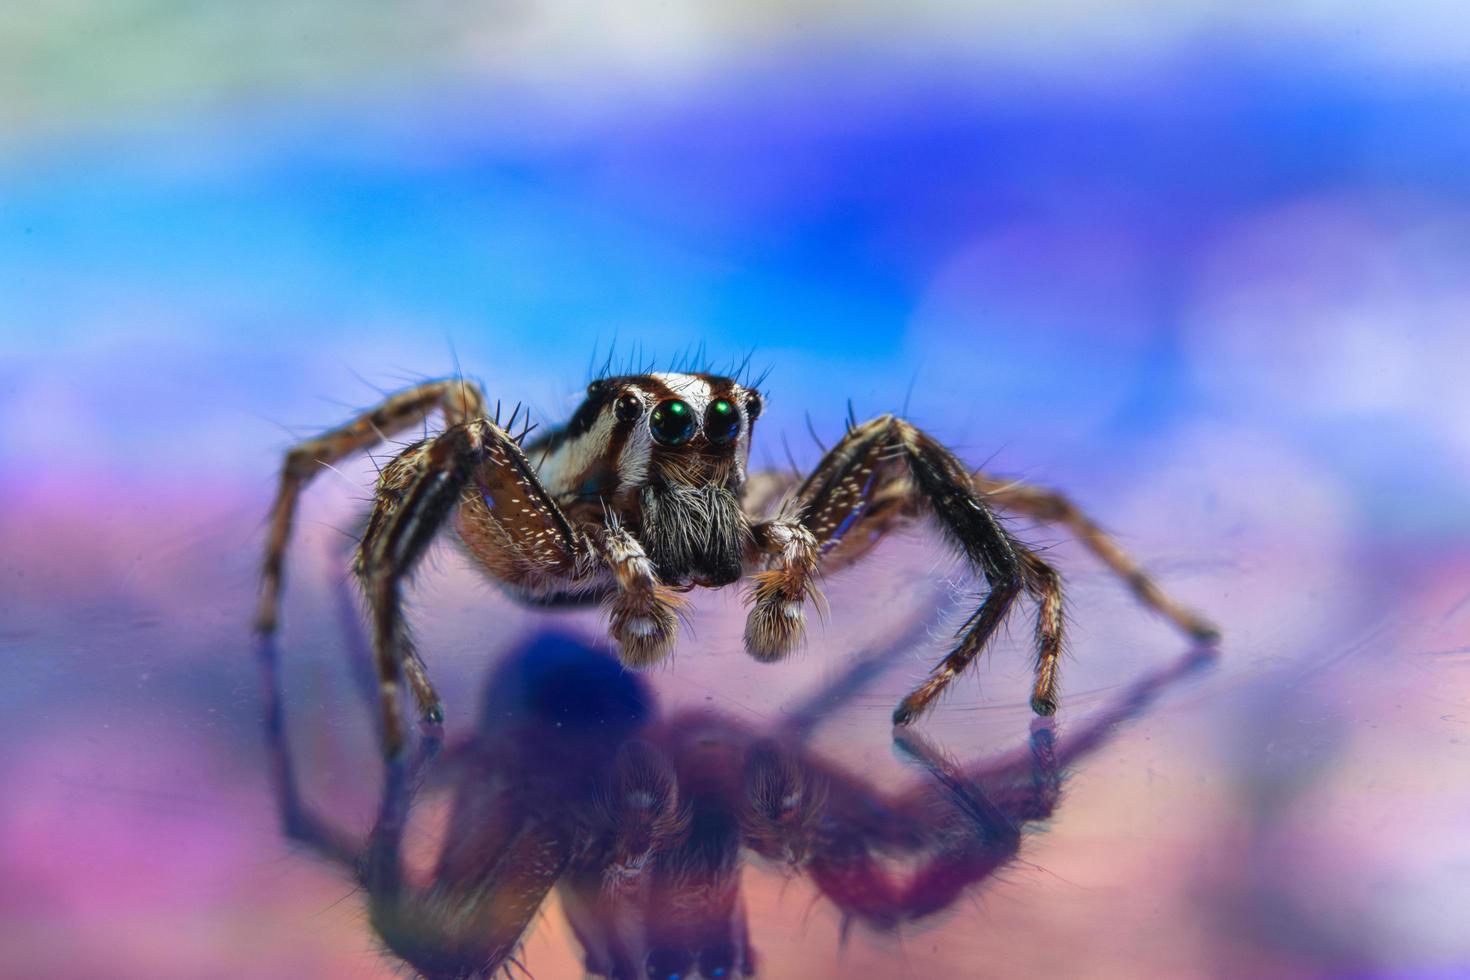 ragno su una superficie riflettente foto